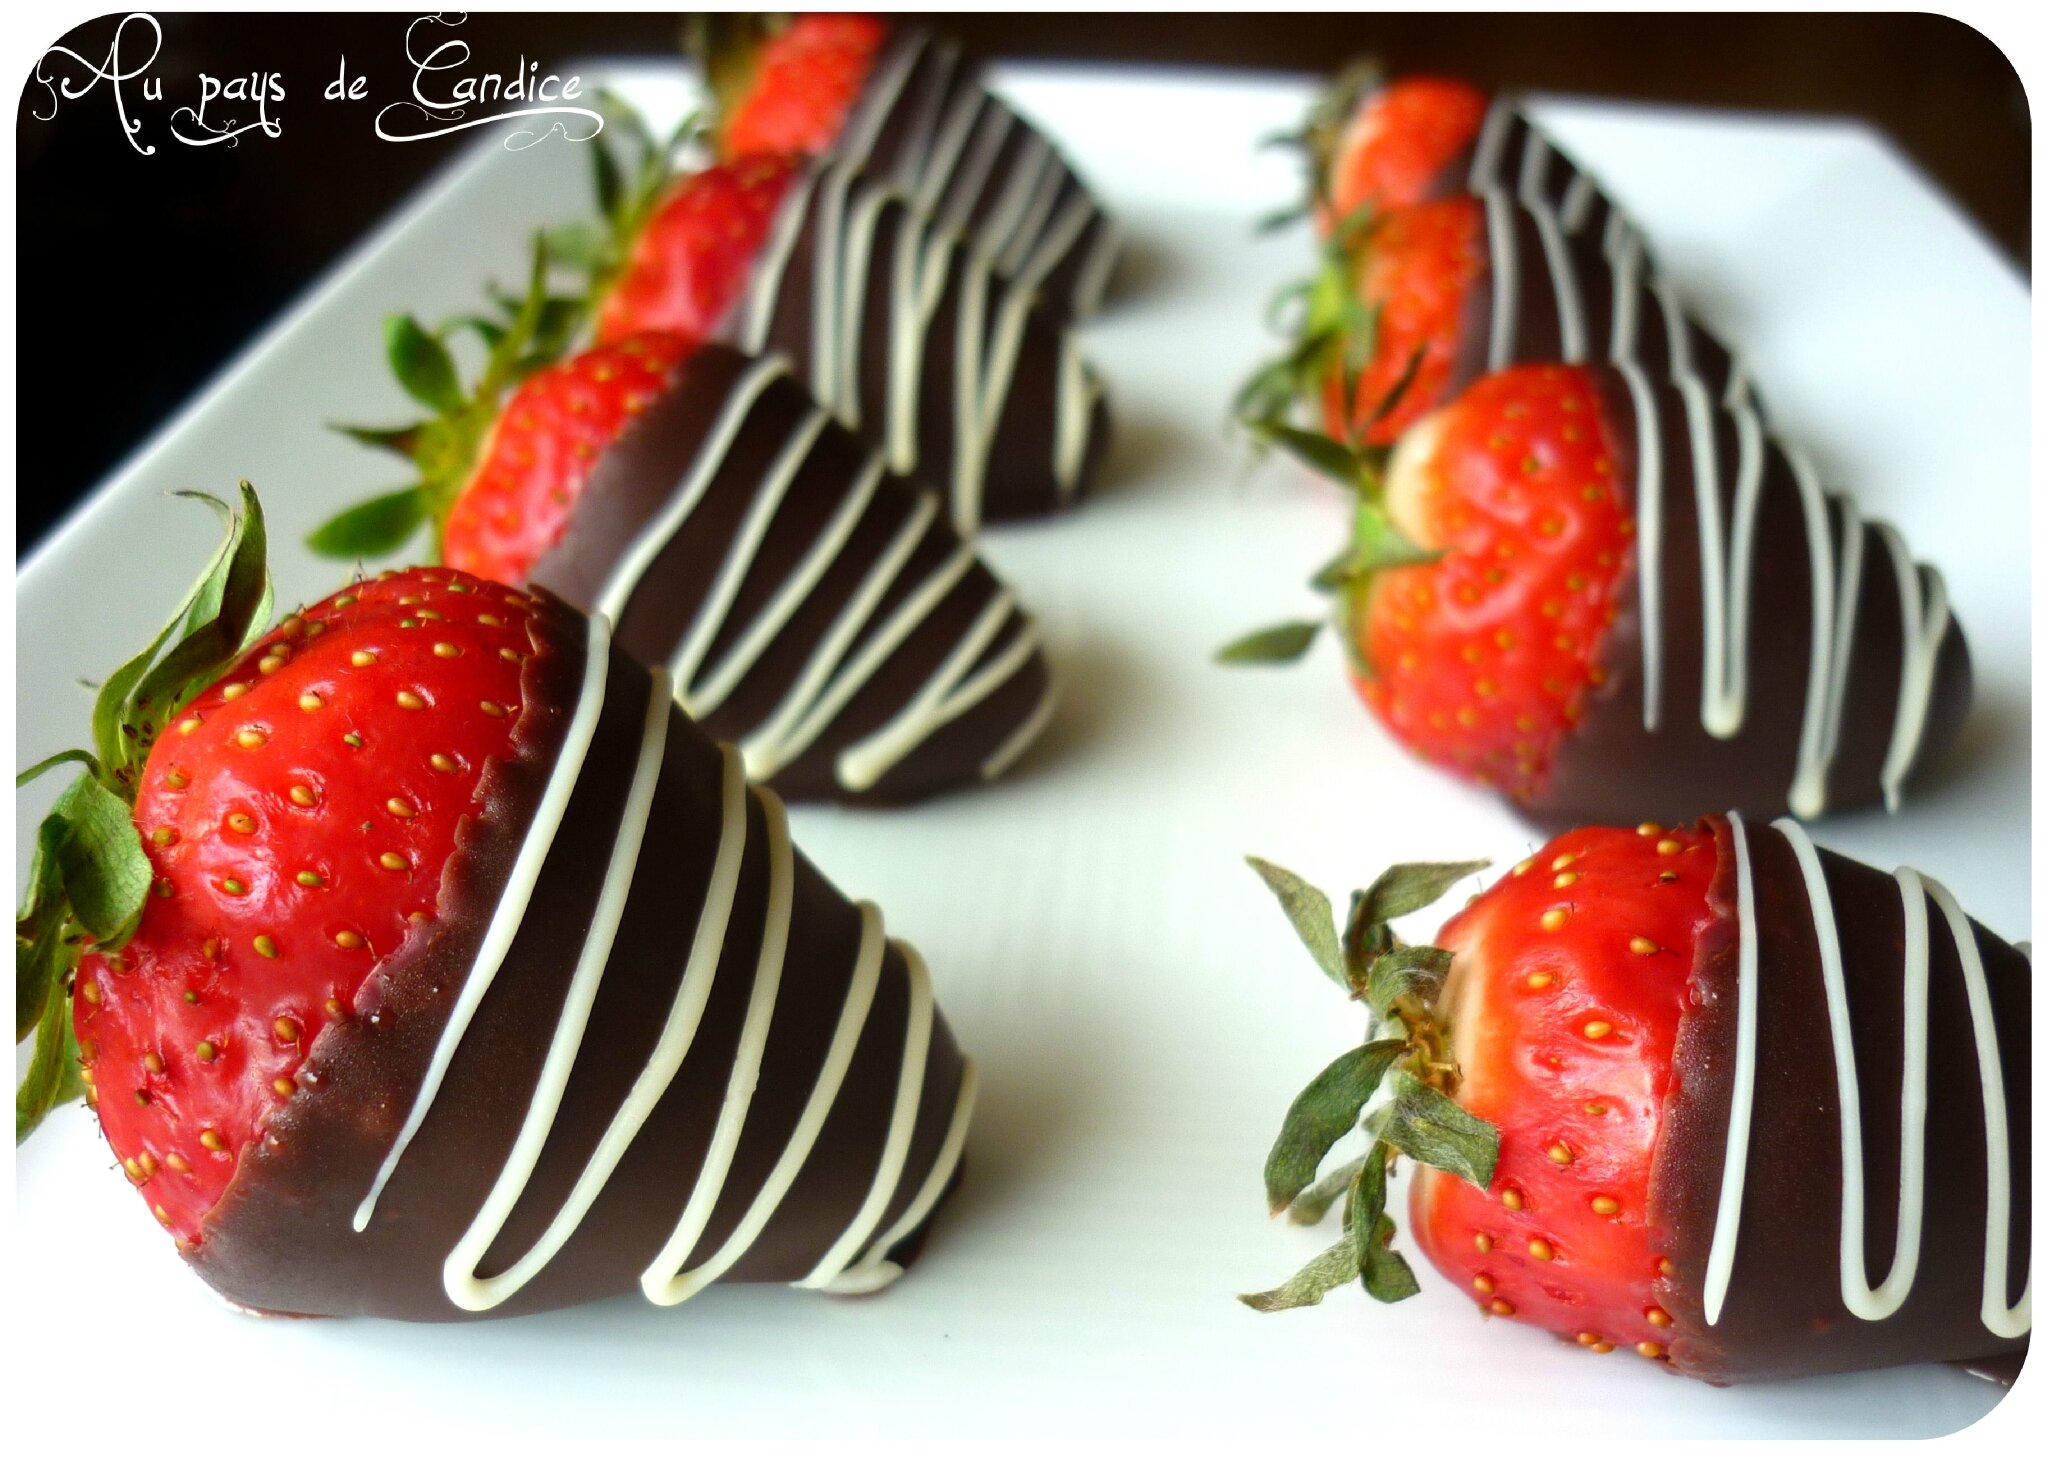 fraises au chocolat au pays de candice